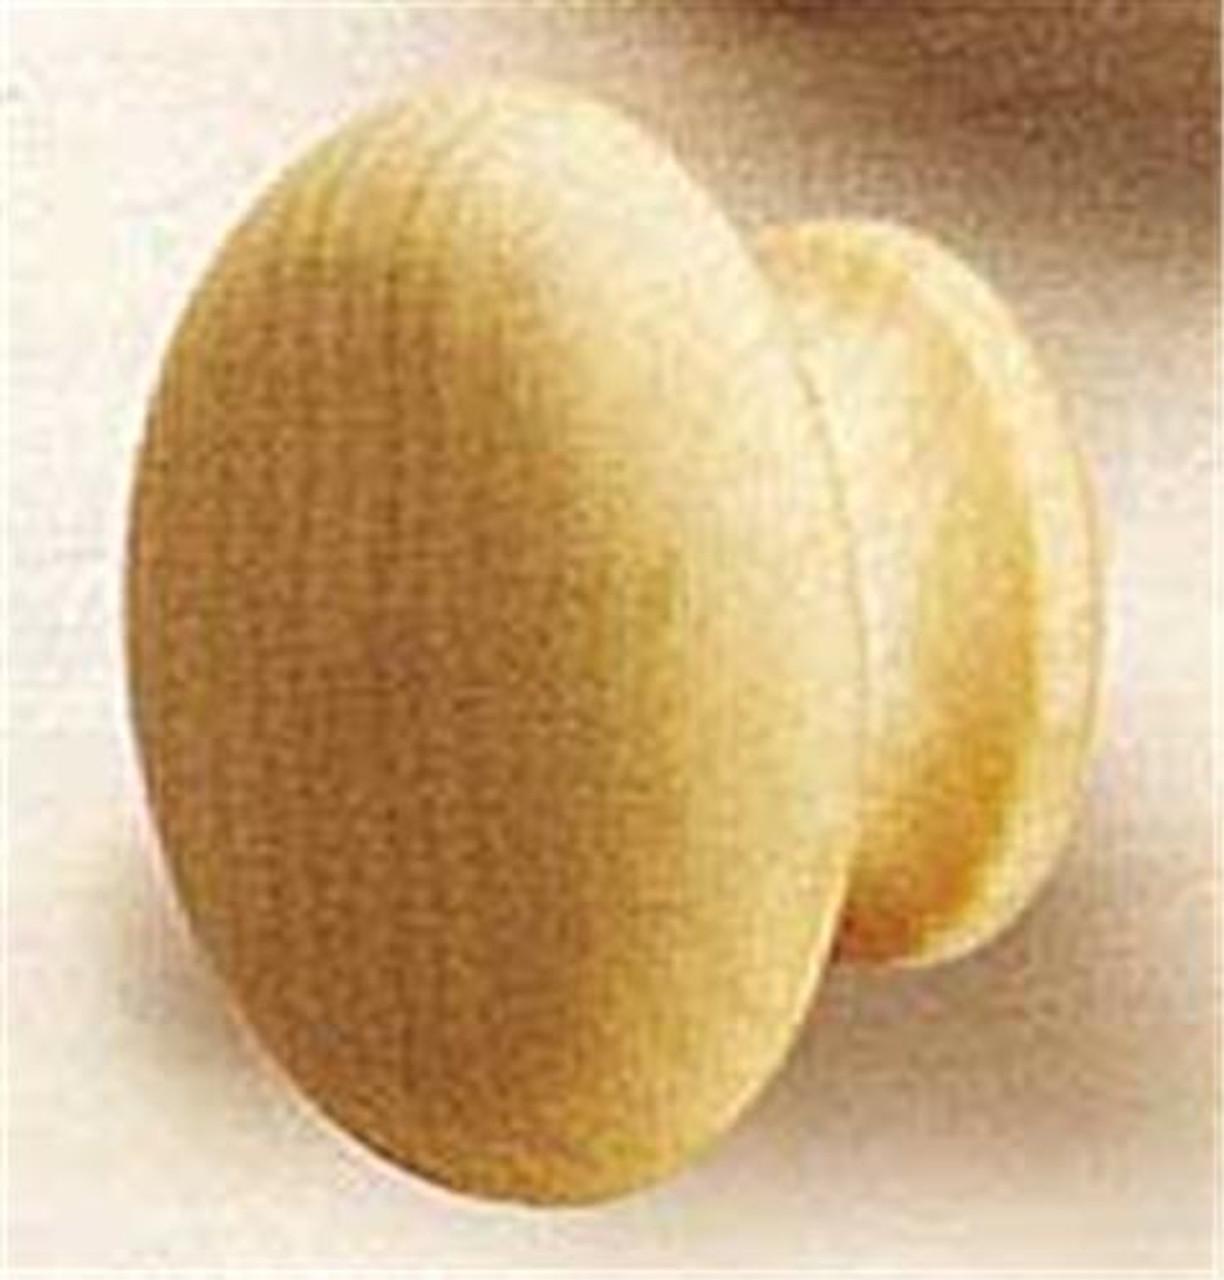 Cherry Tree Toys 3/4 Mushroom Pull Knob